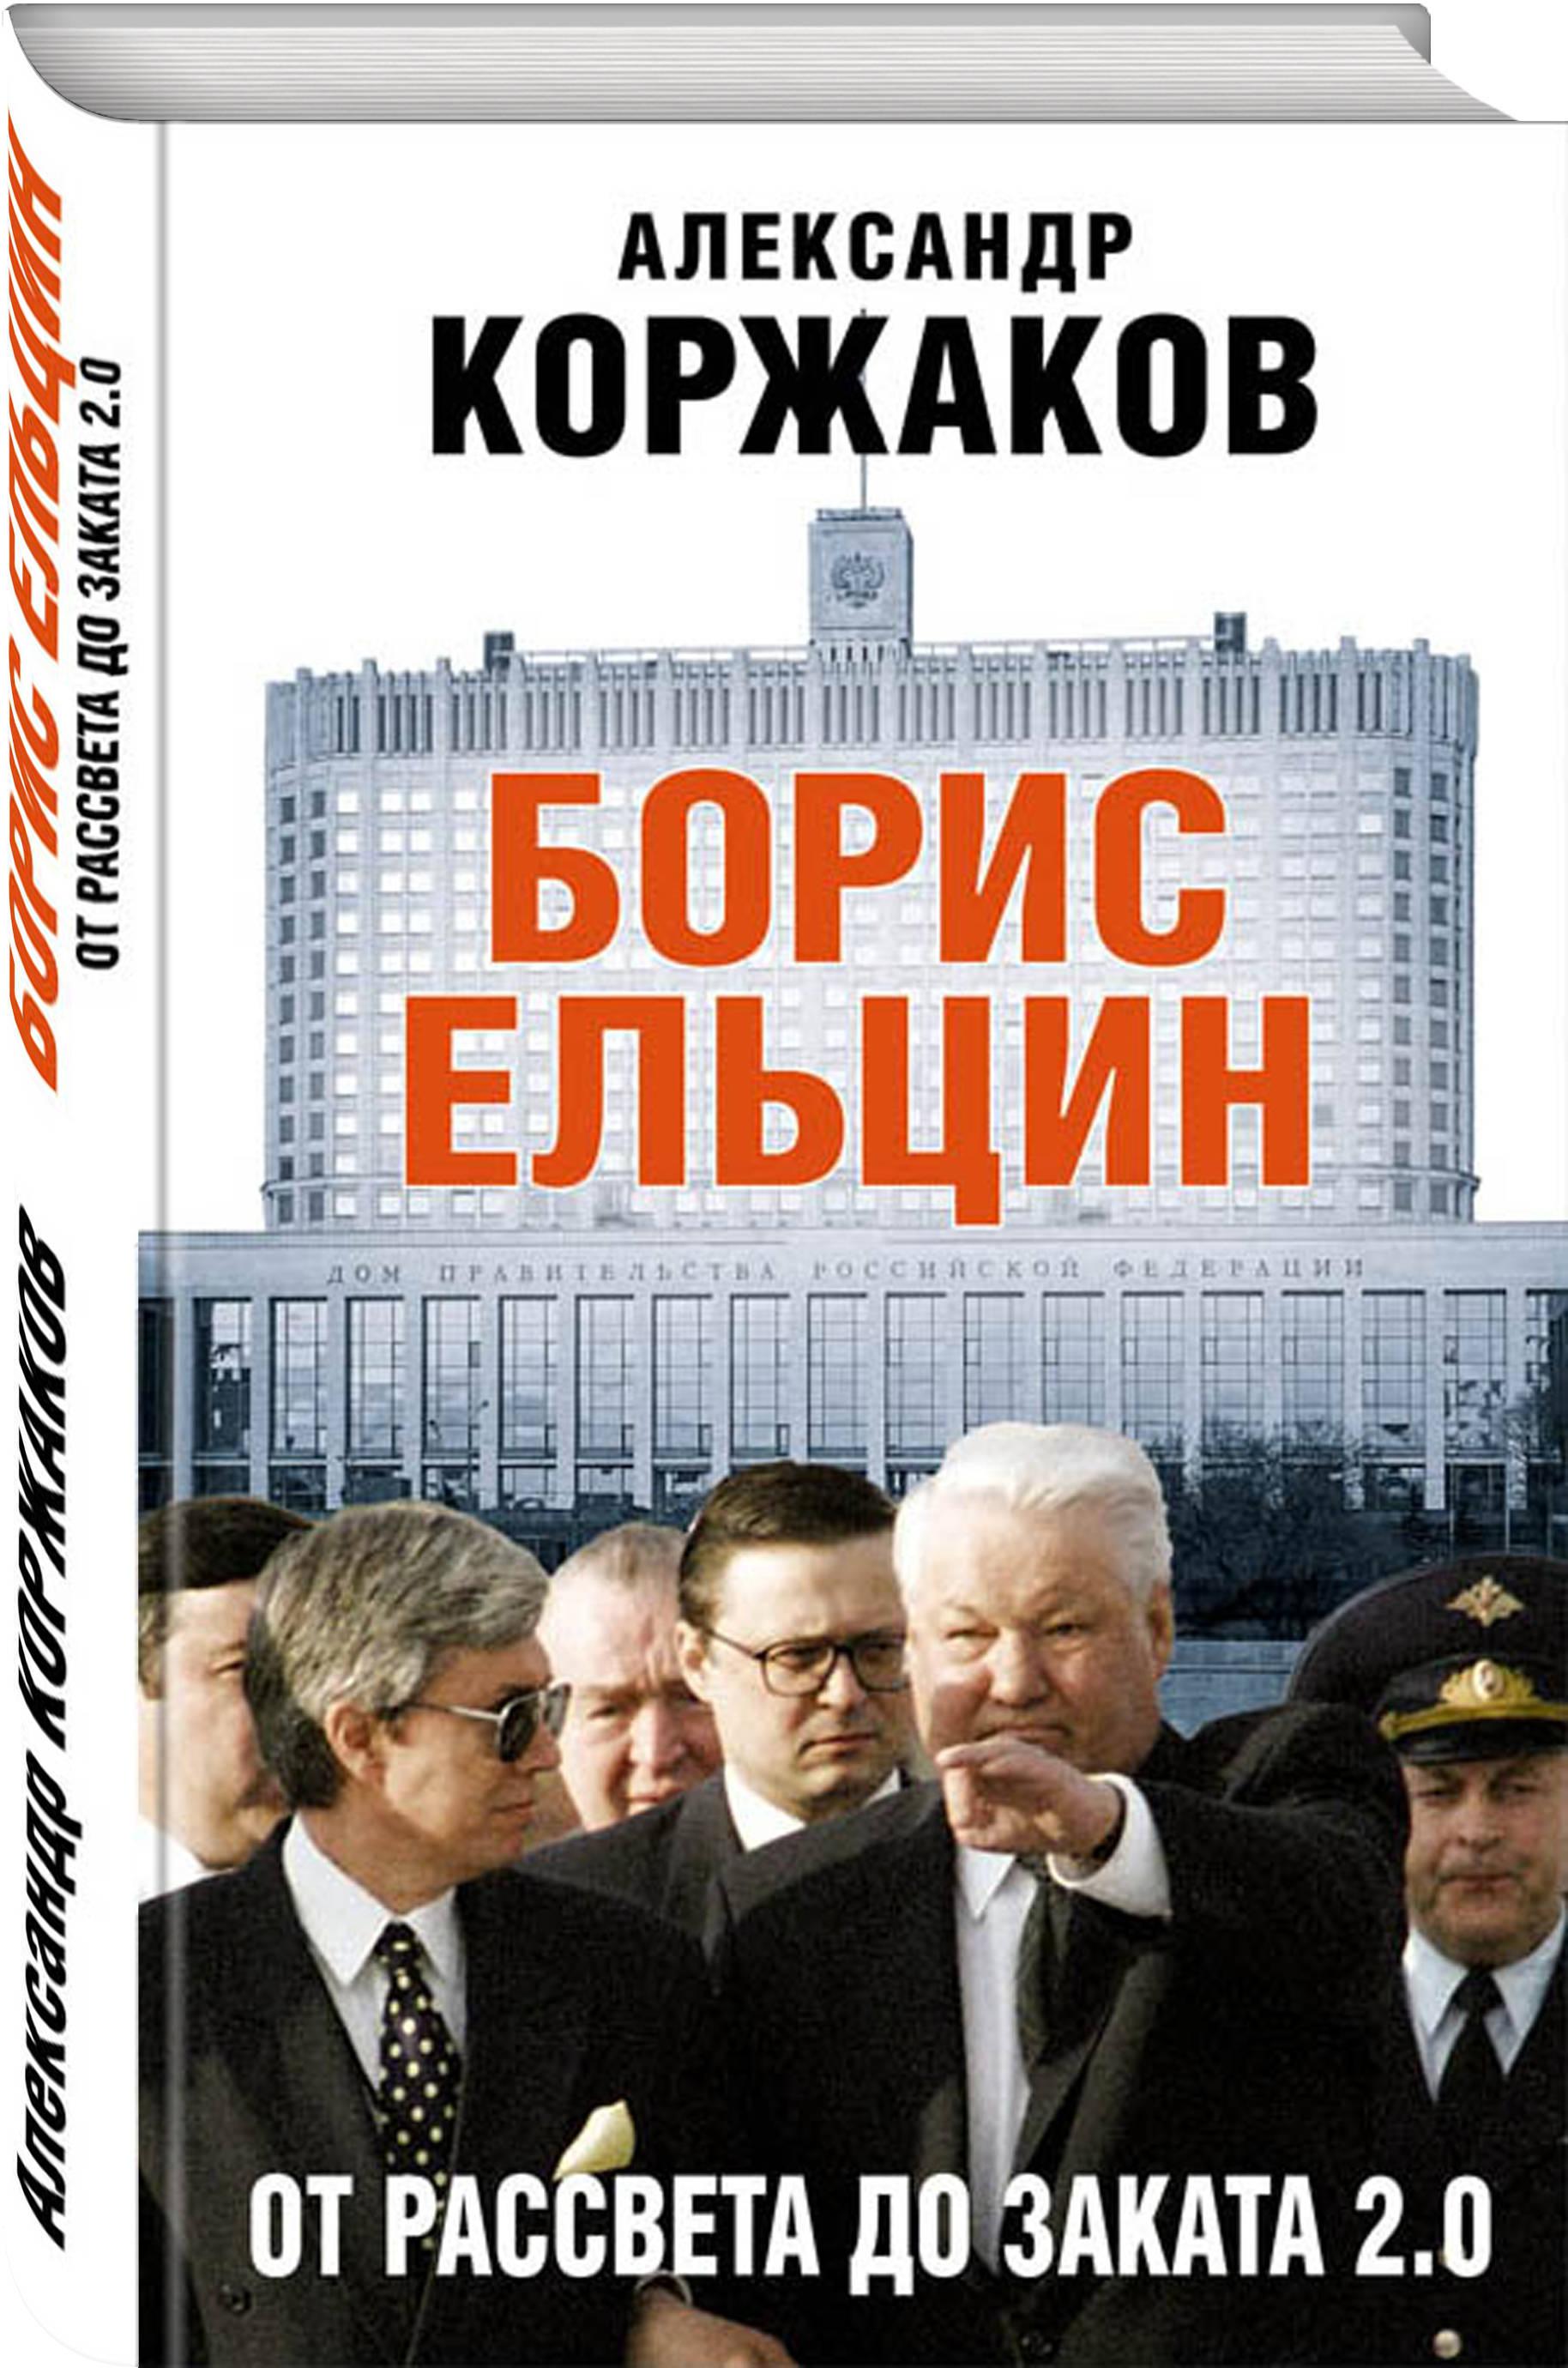 Александр Коржаков Борис Ельцин: от рассвета до заката 2.0